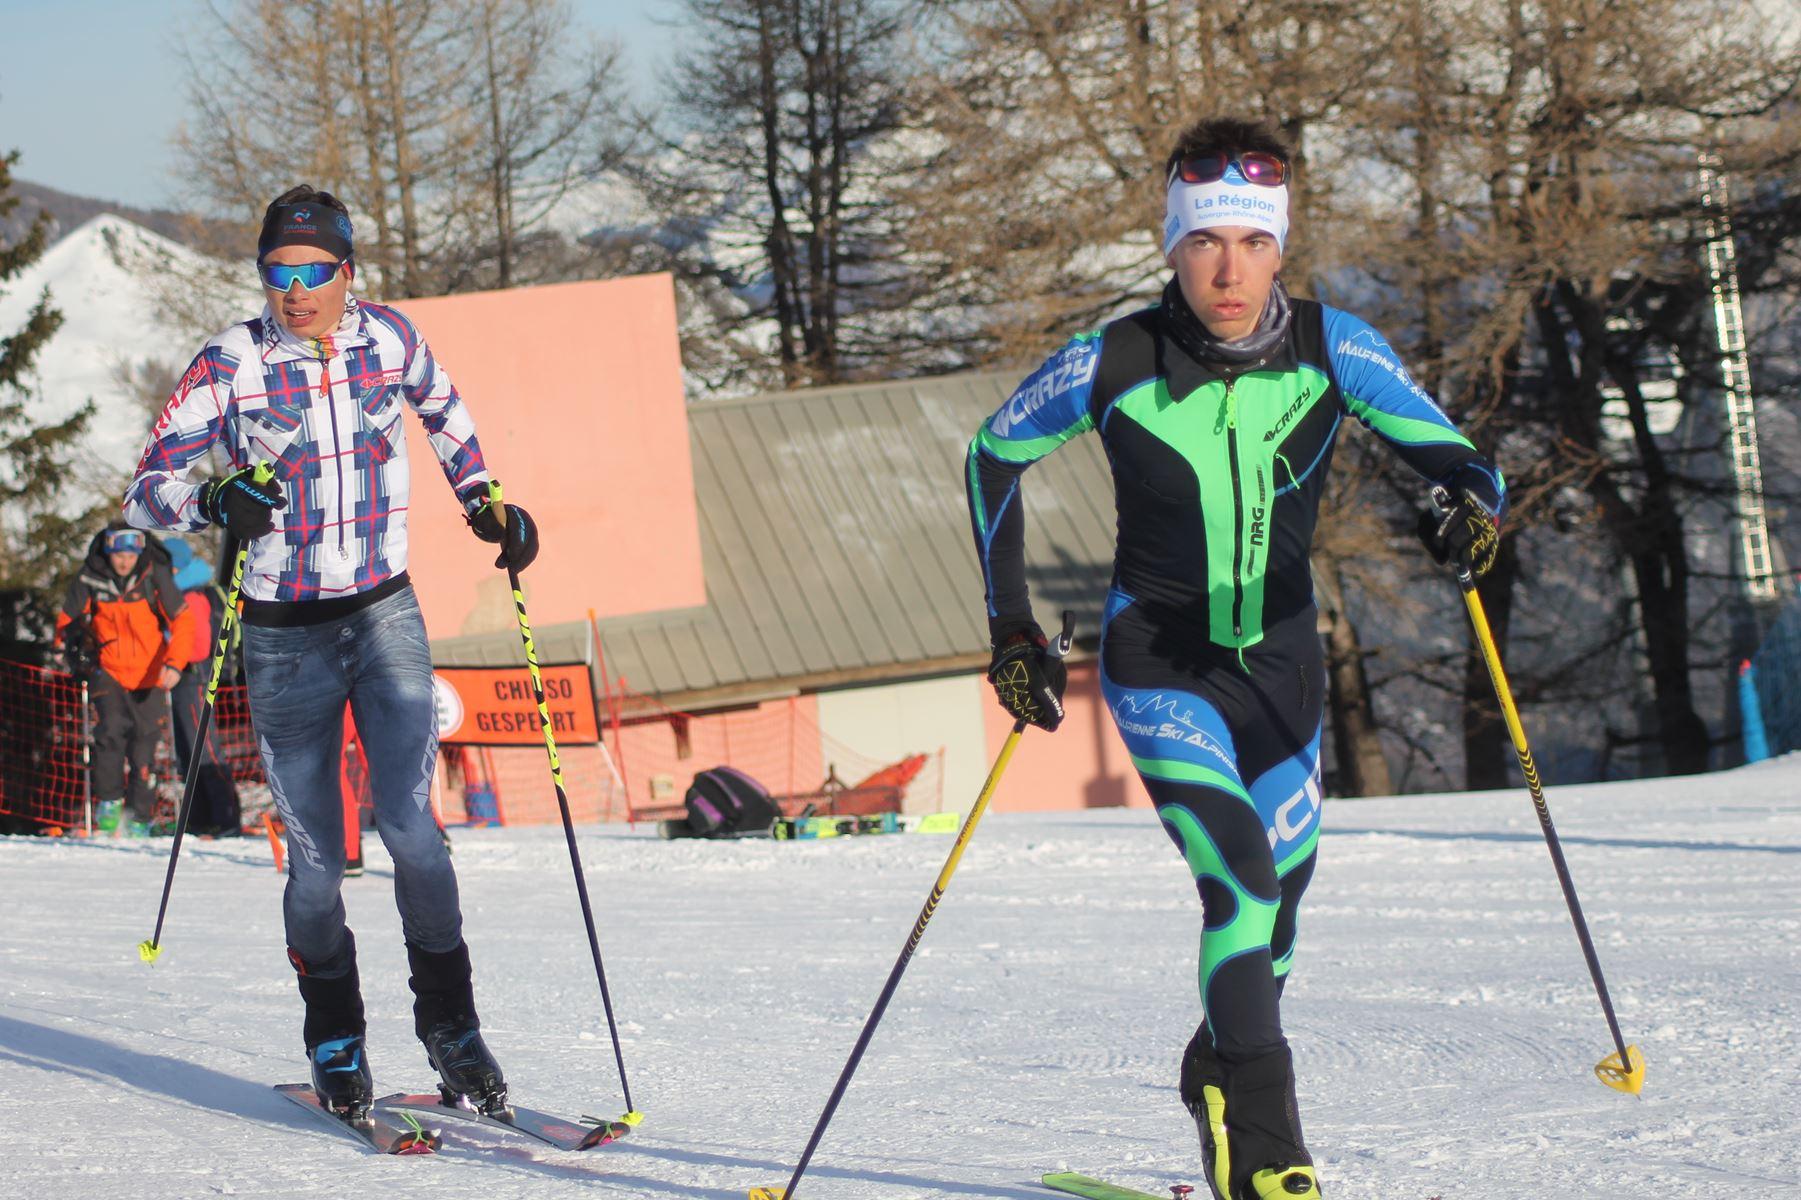 Gabin Argeron et Bastien Flammer 4eme et 5eme - Résultats de la 3ème édition du Valloire Dynafit Vertical (ski alpi) 04/01/2020